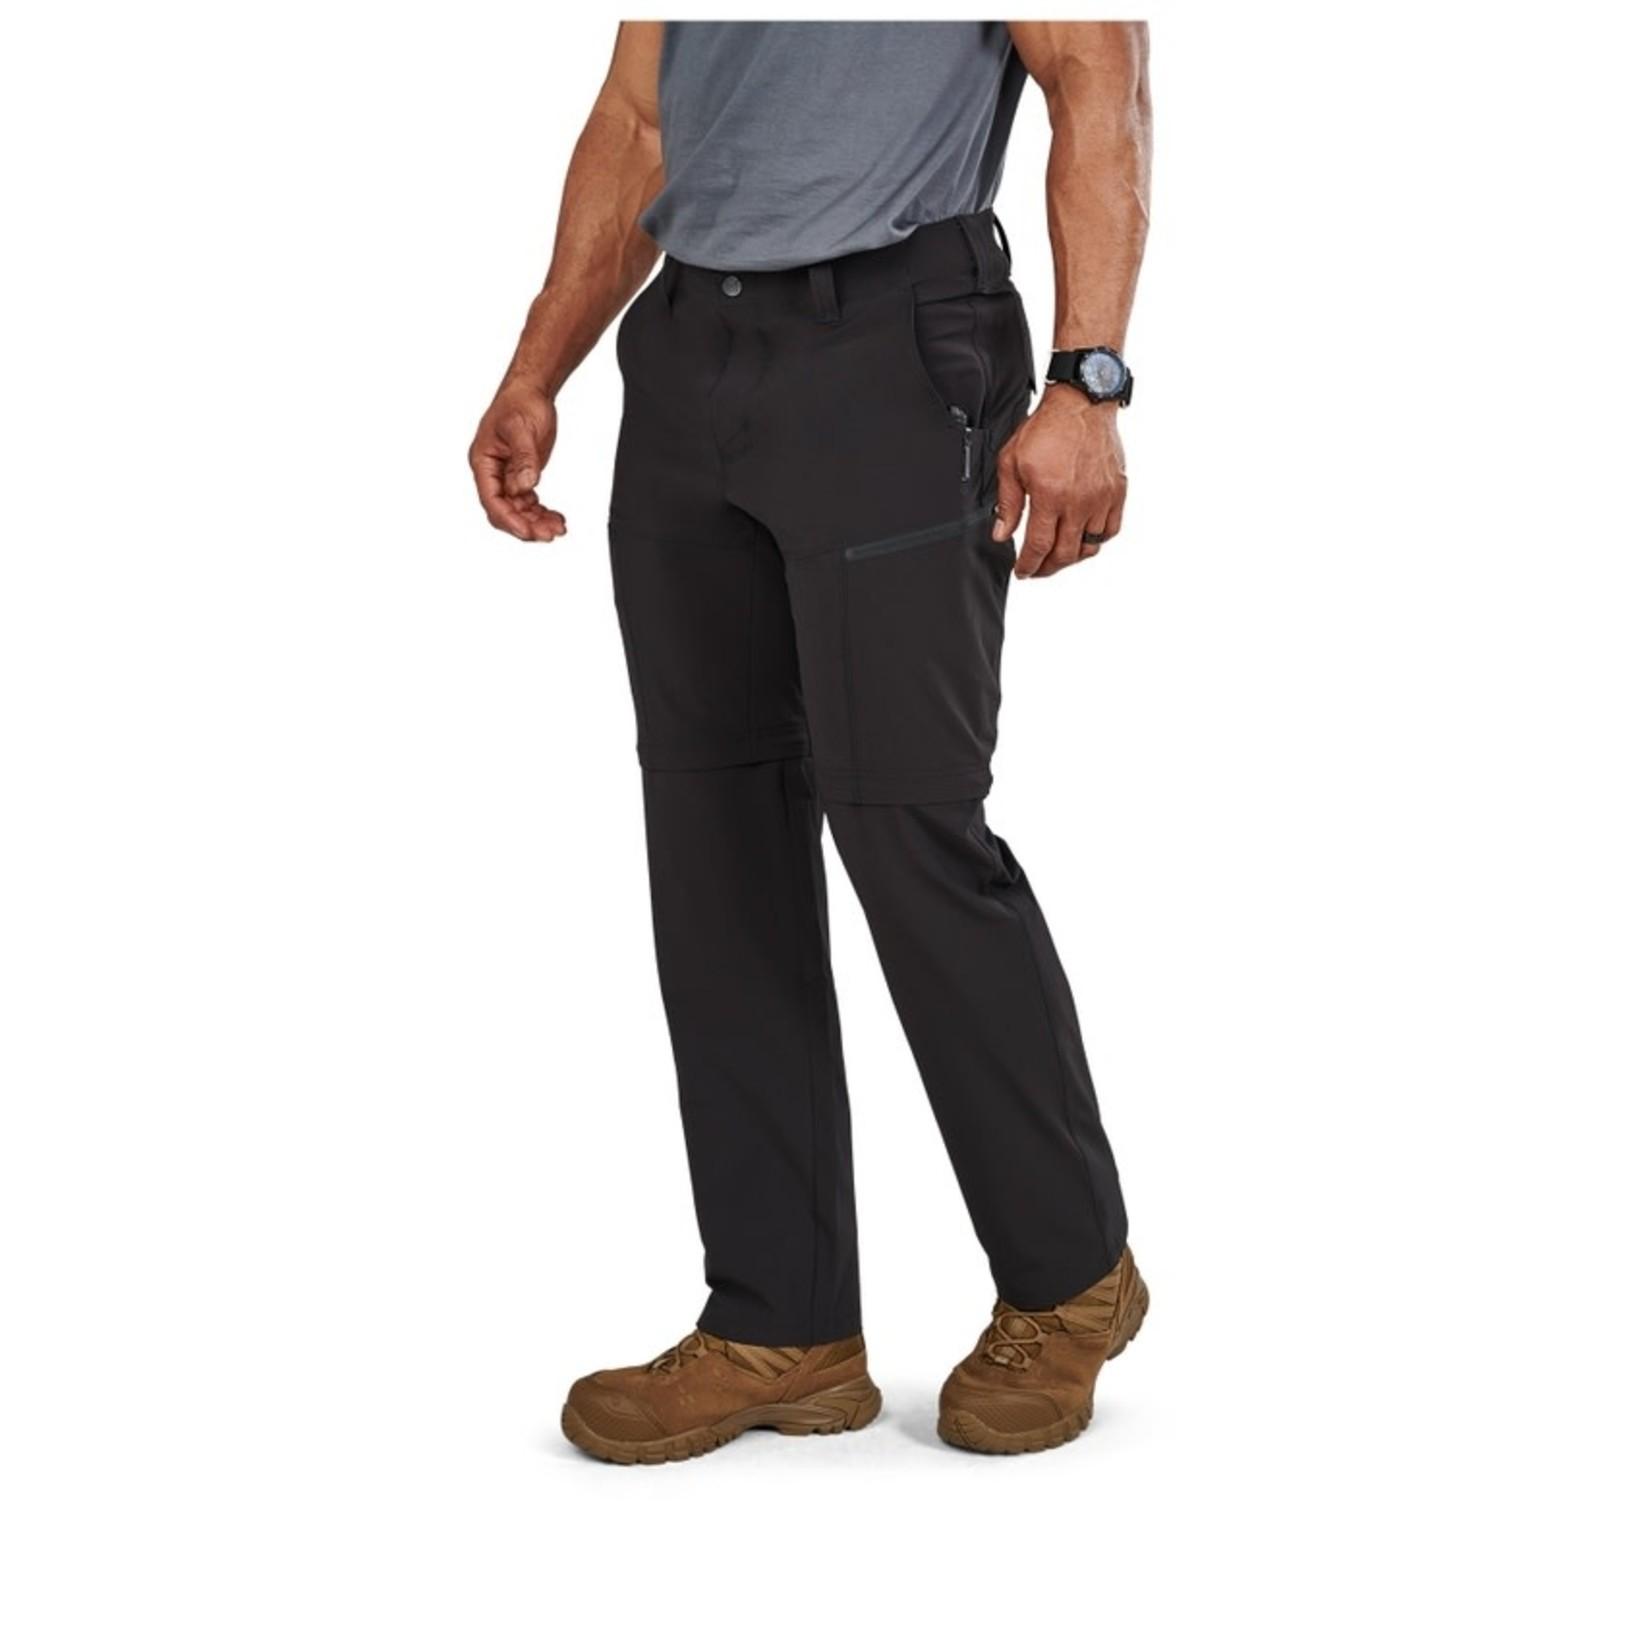 5.11 Tactical 5.11 Men's Decoy Convertible Pants